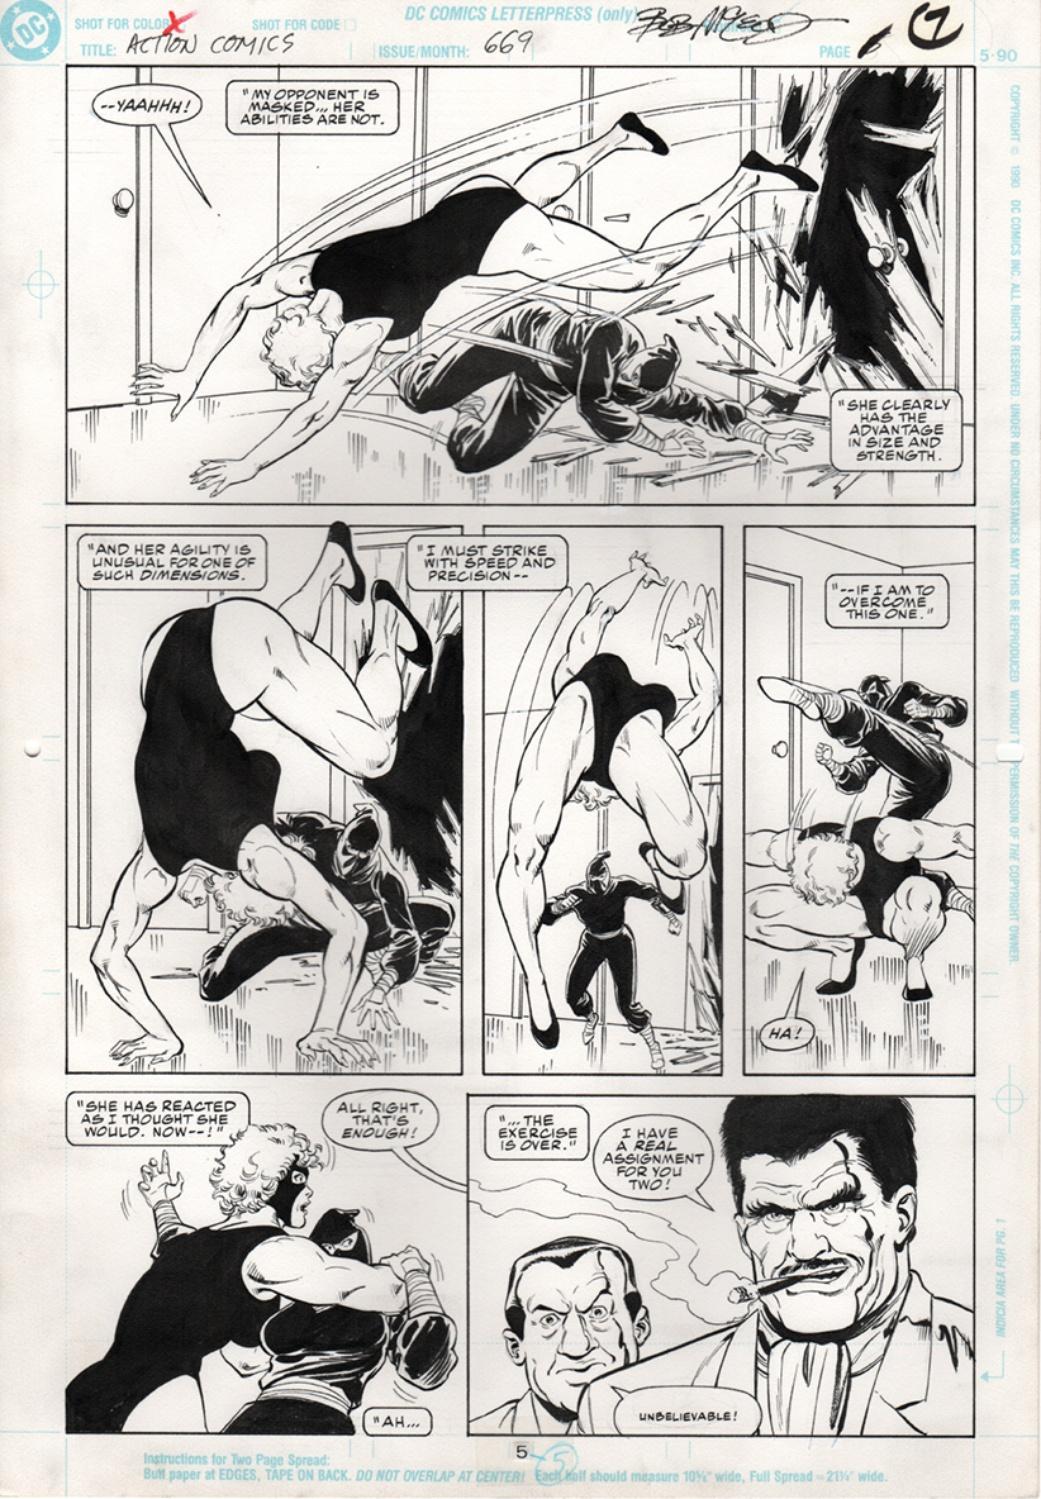 Original Art Page - Action Comics - 669 pg05